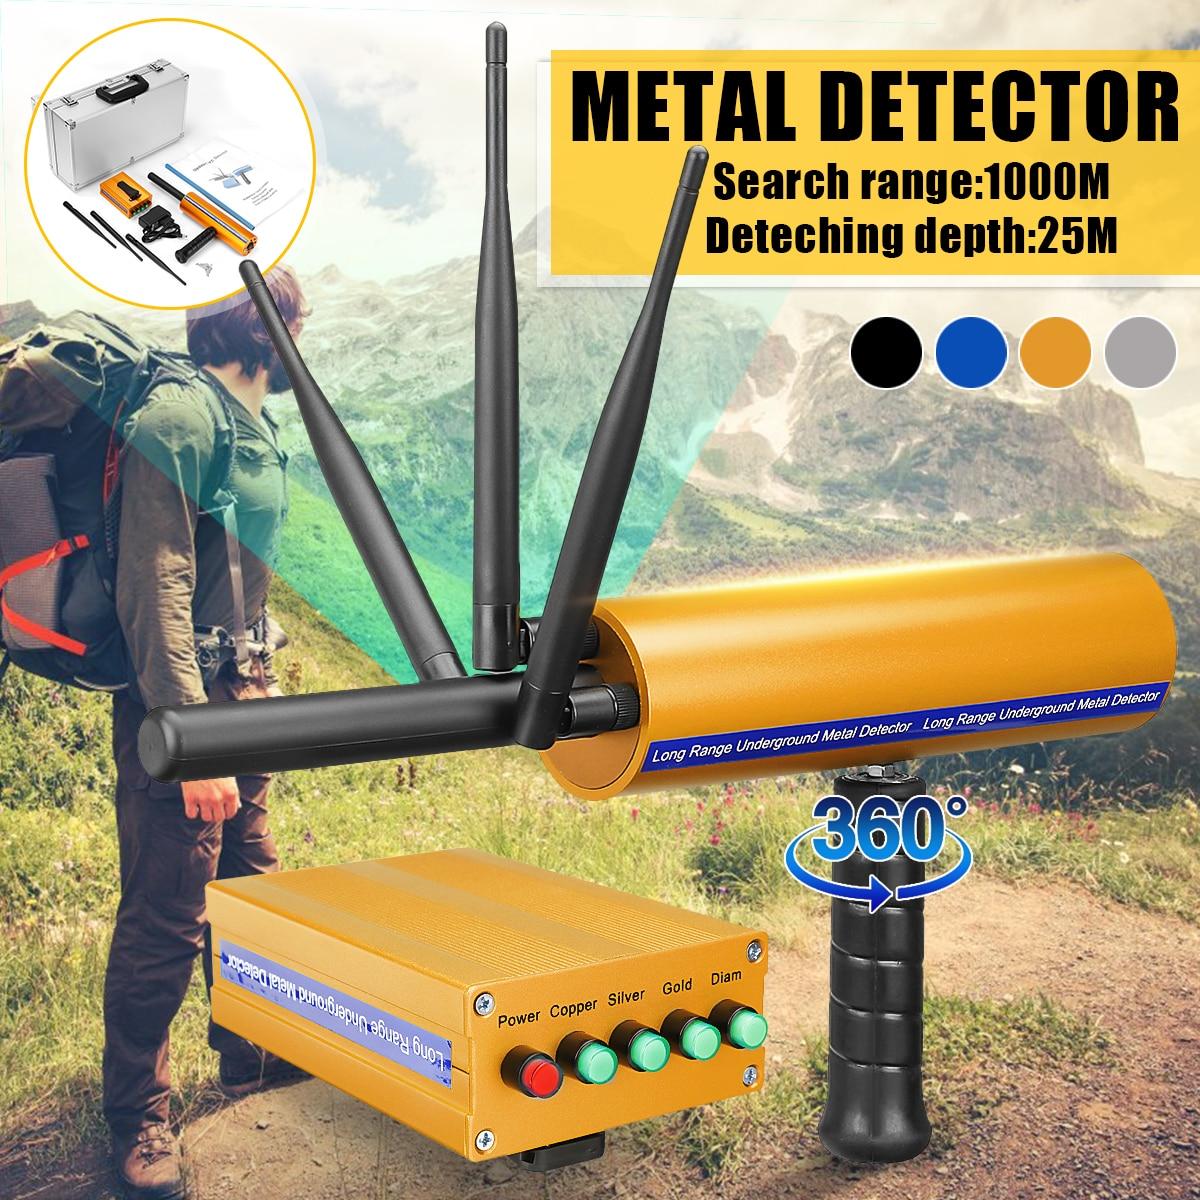 AKS Détective Professtional Souterrain Poignée 3D Pro Métal/Or/Gems Détecteur Réglable Longue Portée Diamant Finder Tracker